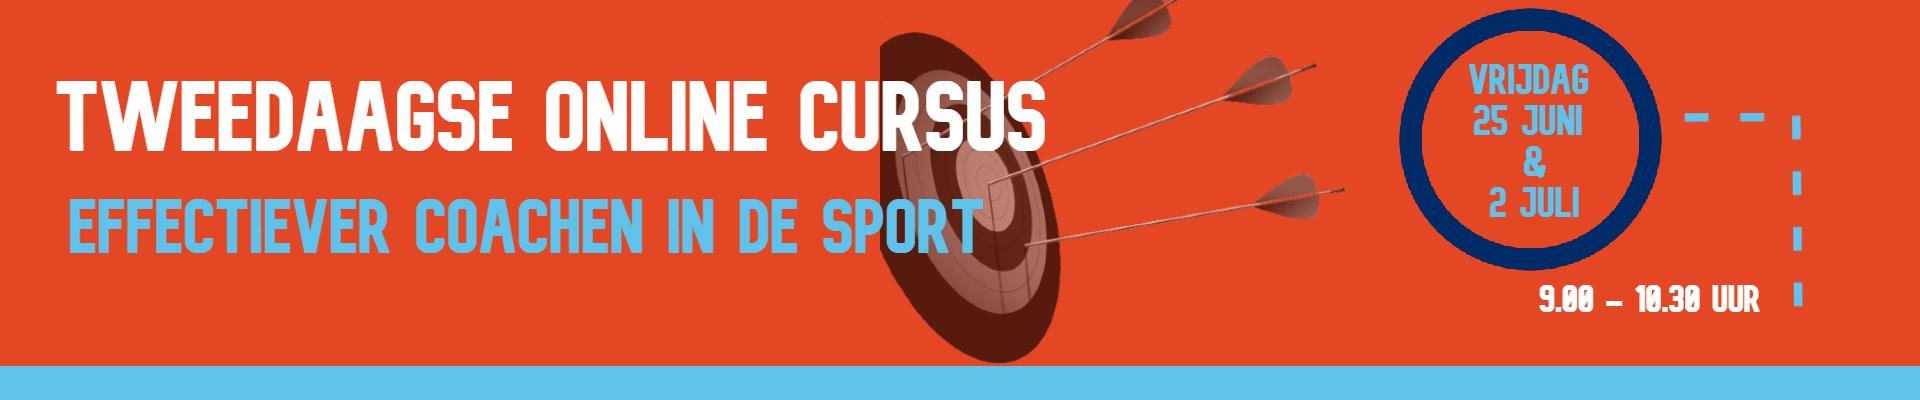 Tweedaagse Online Cursus Effectiever coachen in de sport